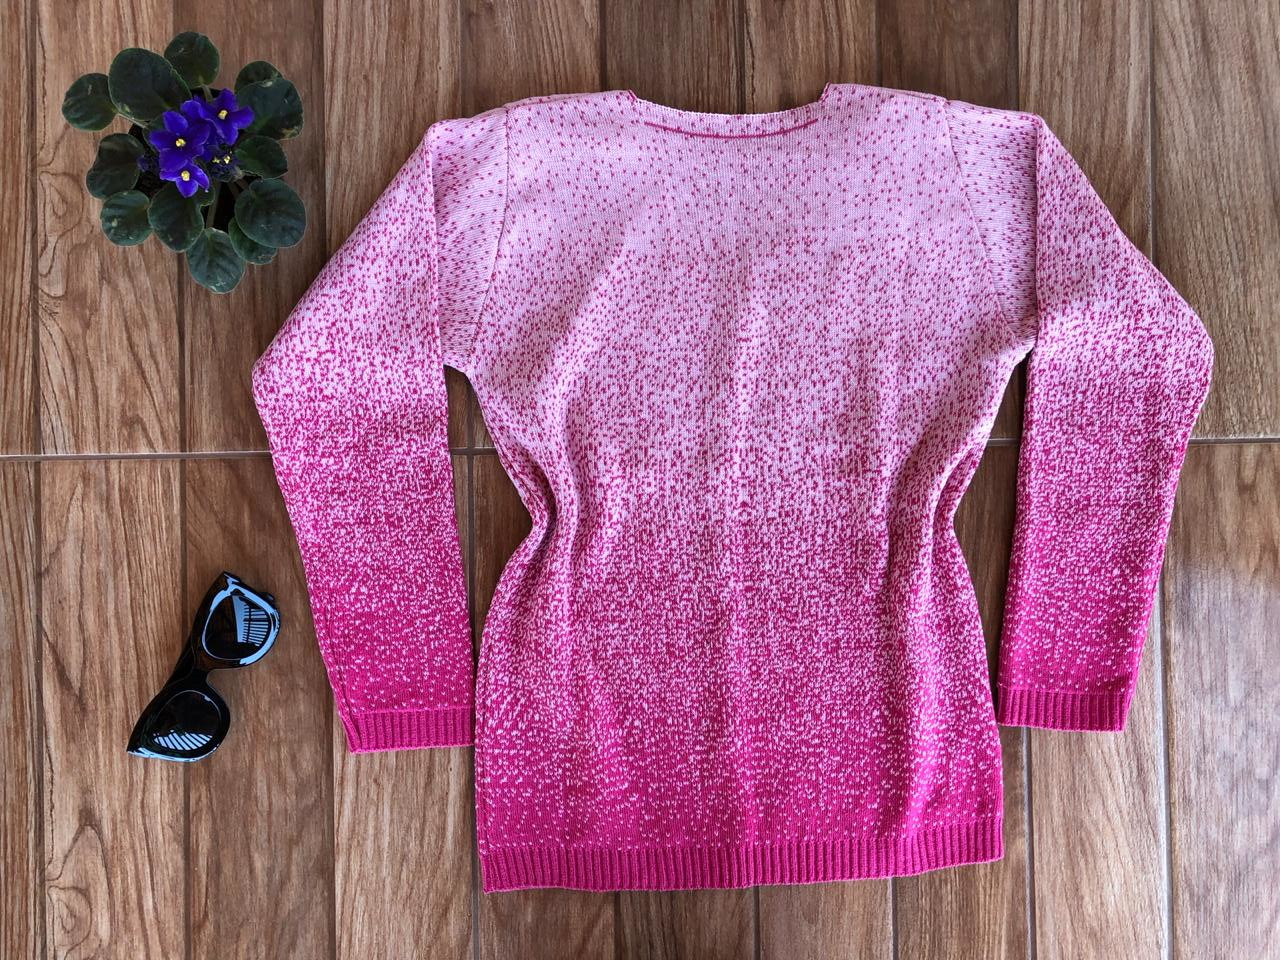 48144e8601 Blusa de Frio Cardigan Casaco de lã Tricot Cor Pink no Elo7